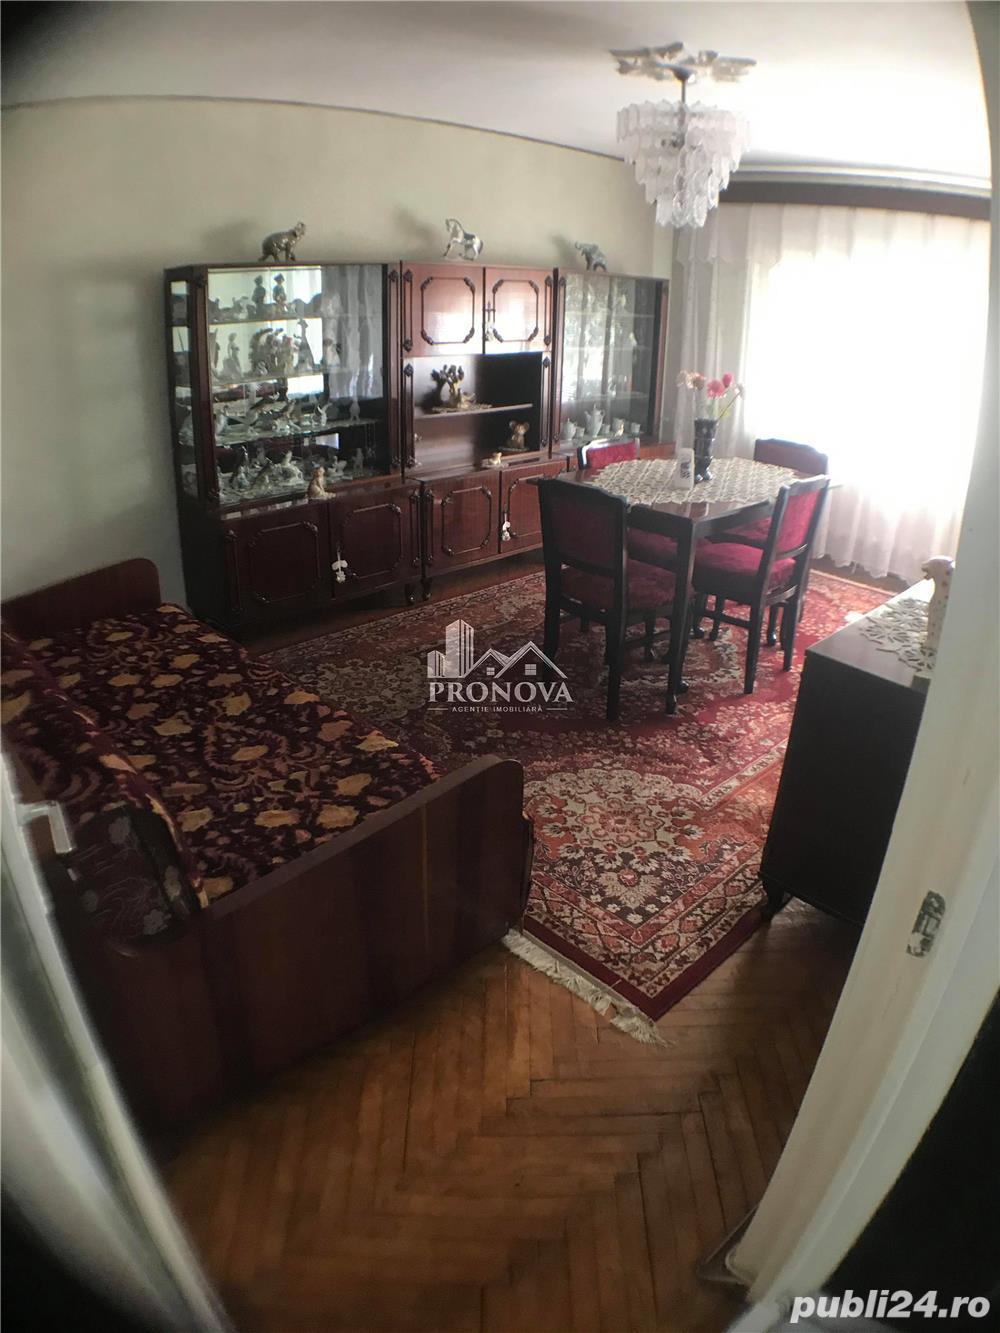 Apartament 2 camere, etaj 1, 58mp utili